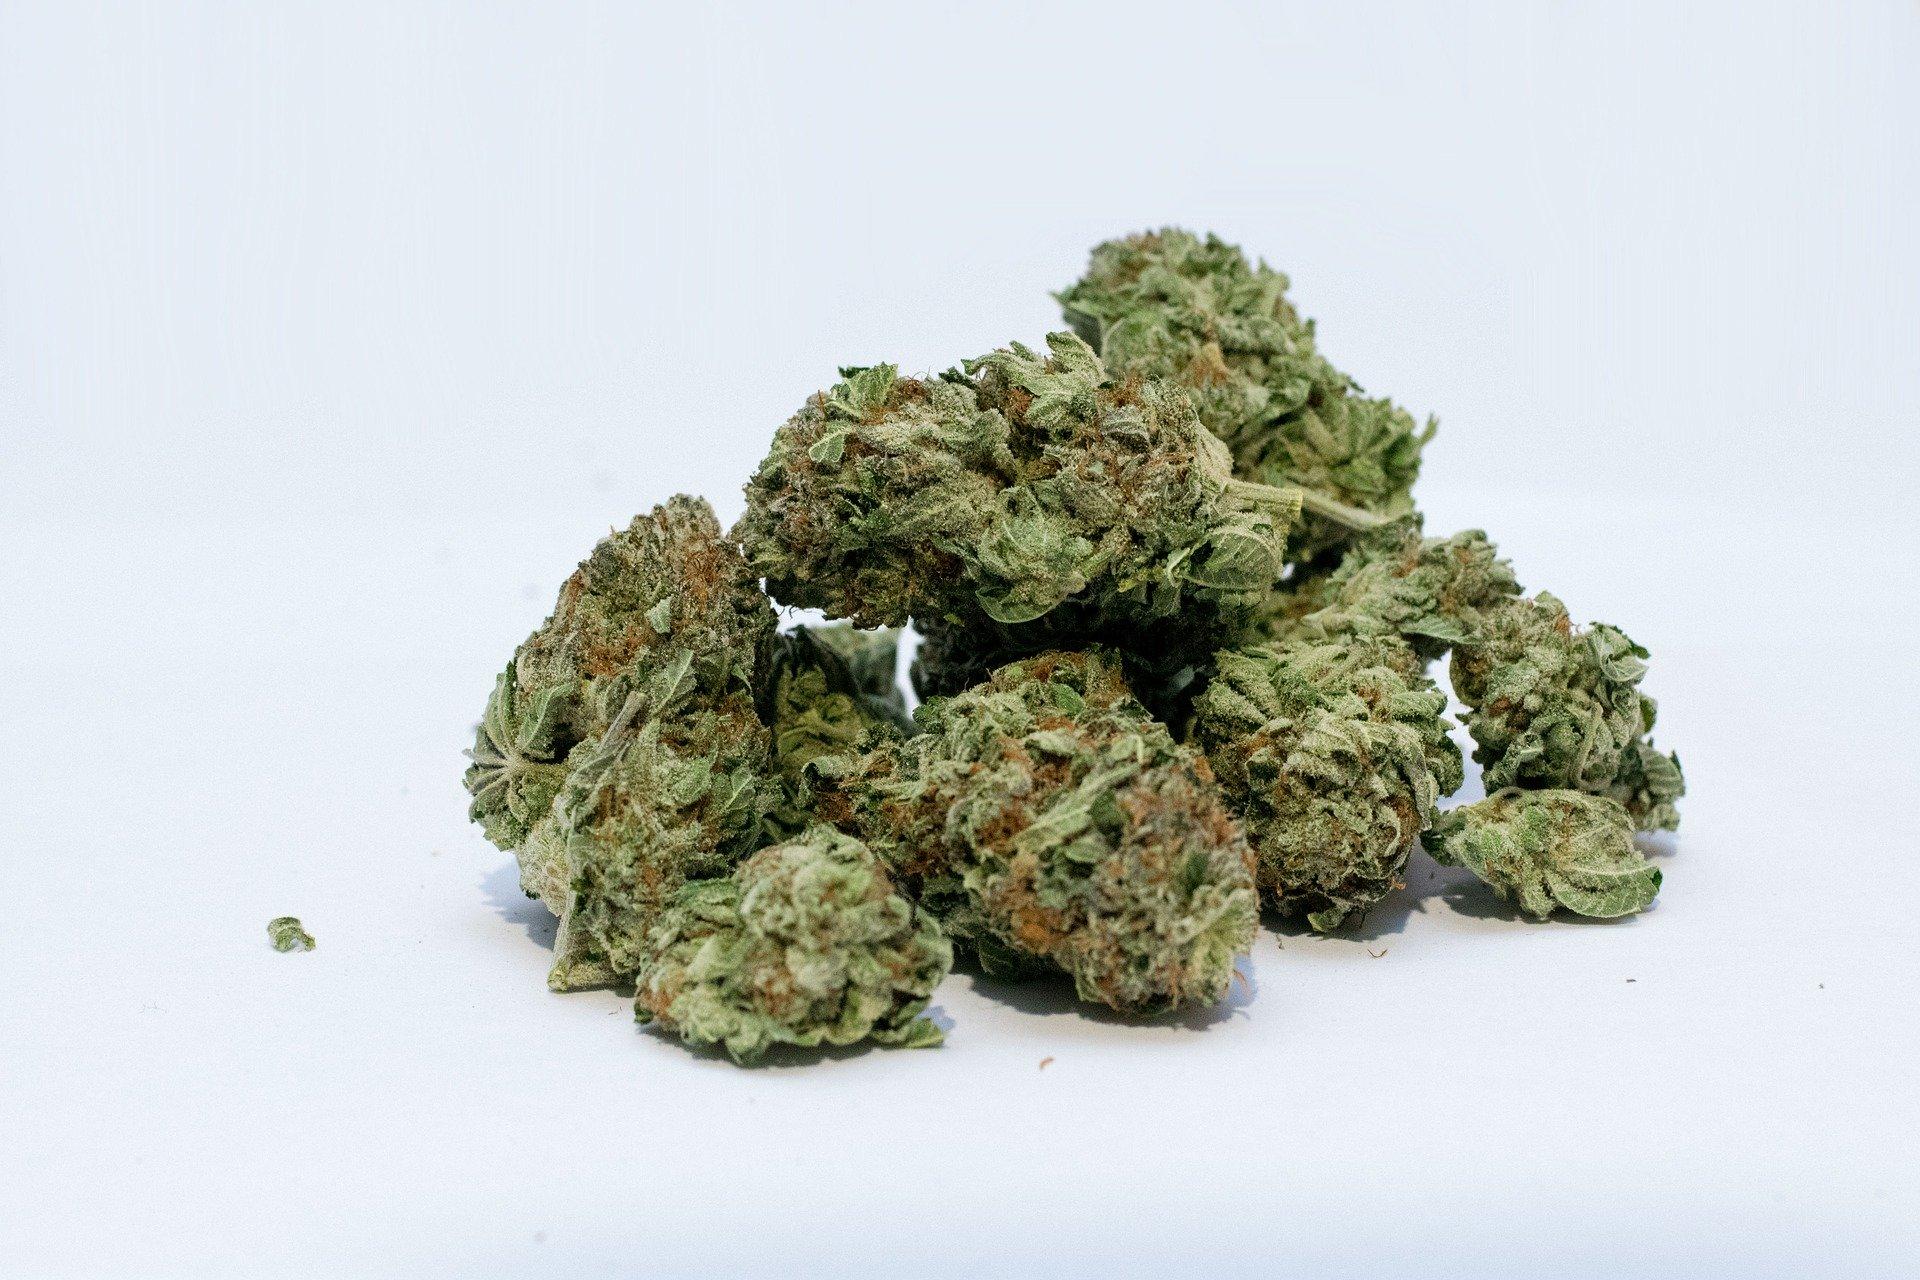 Nación Cannabis | Multas de hasta 3.4 mdp por fumar marihuana en espacios públicos de México